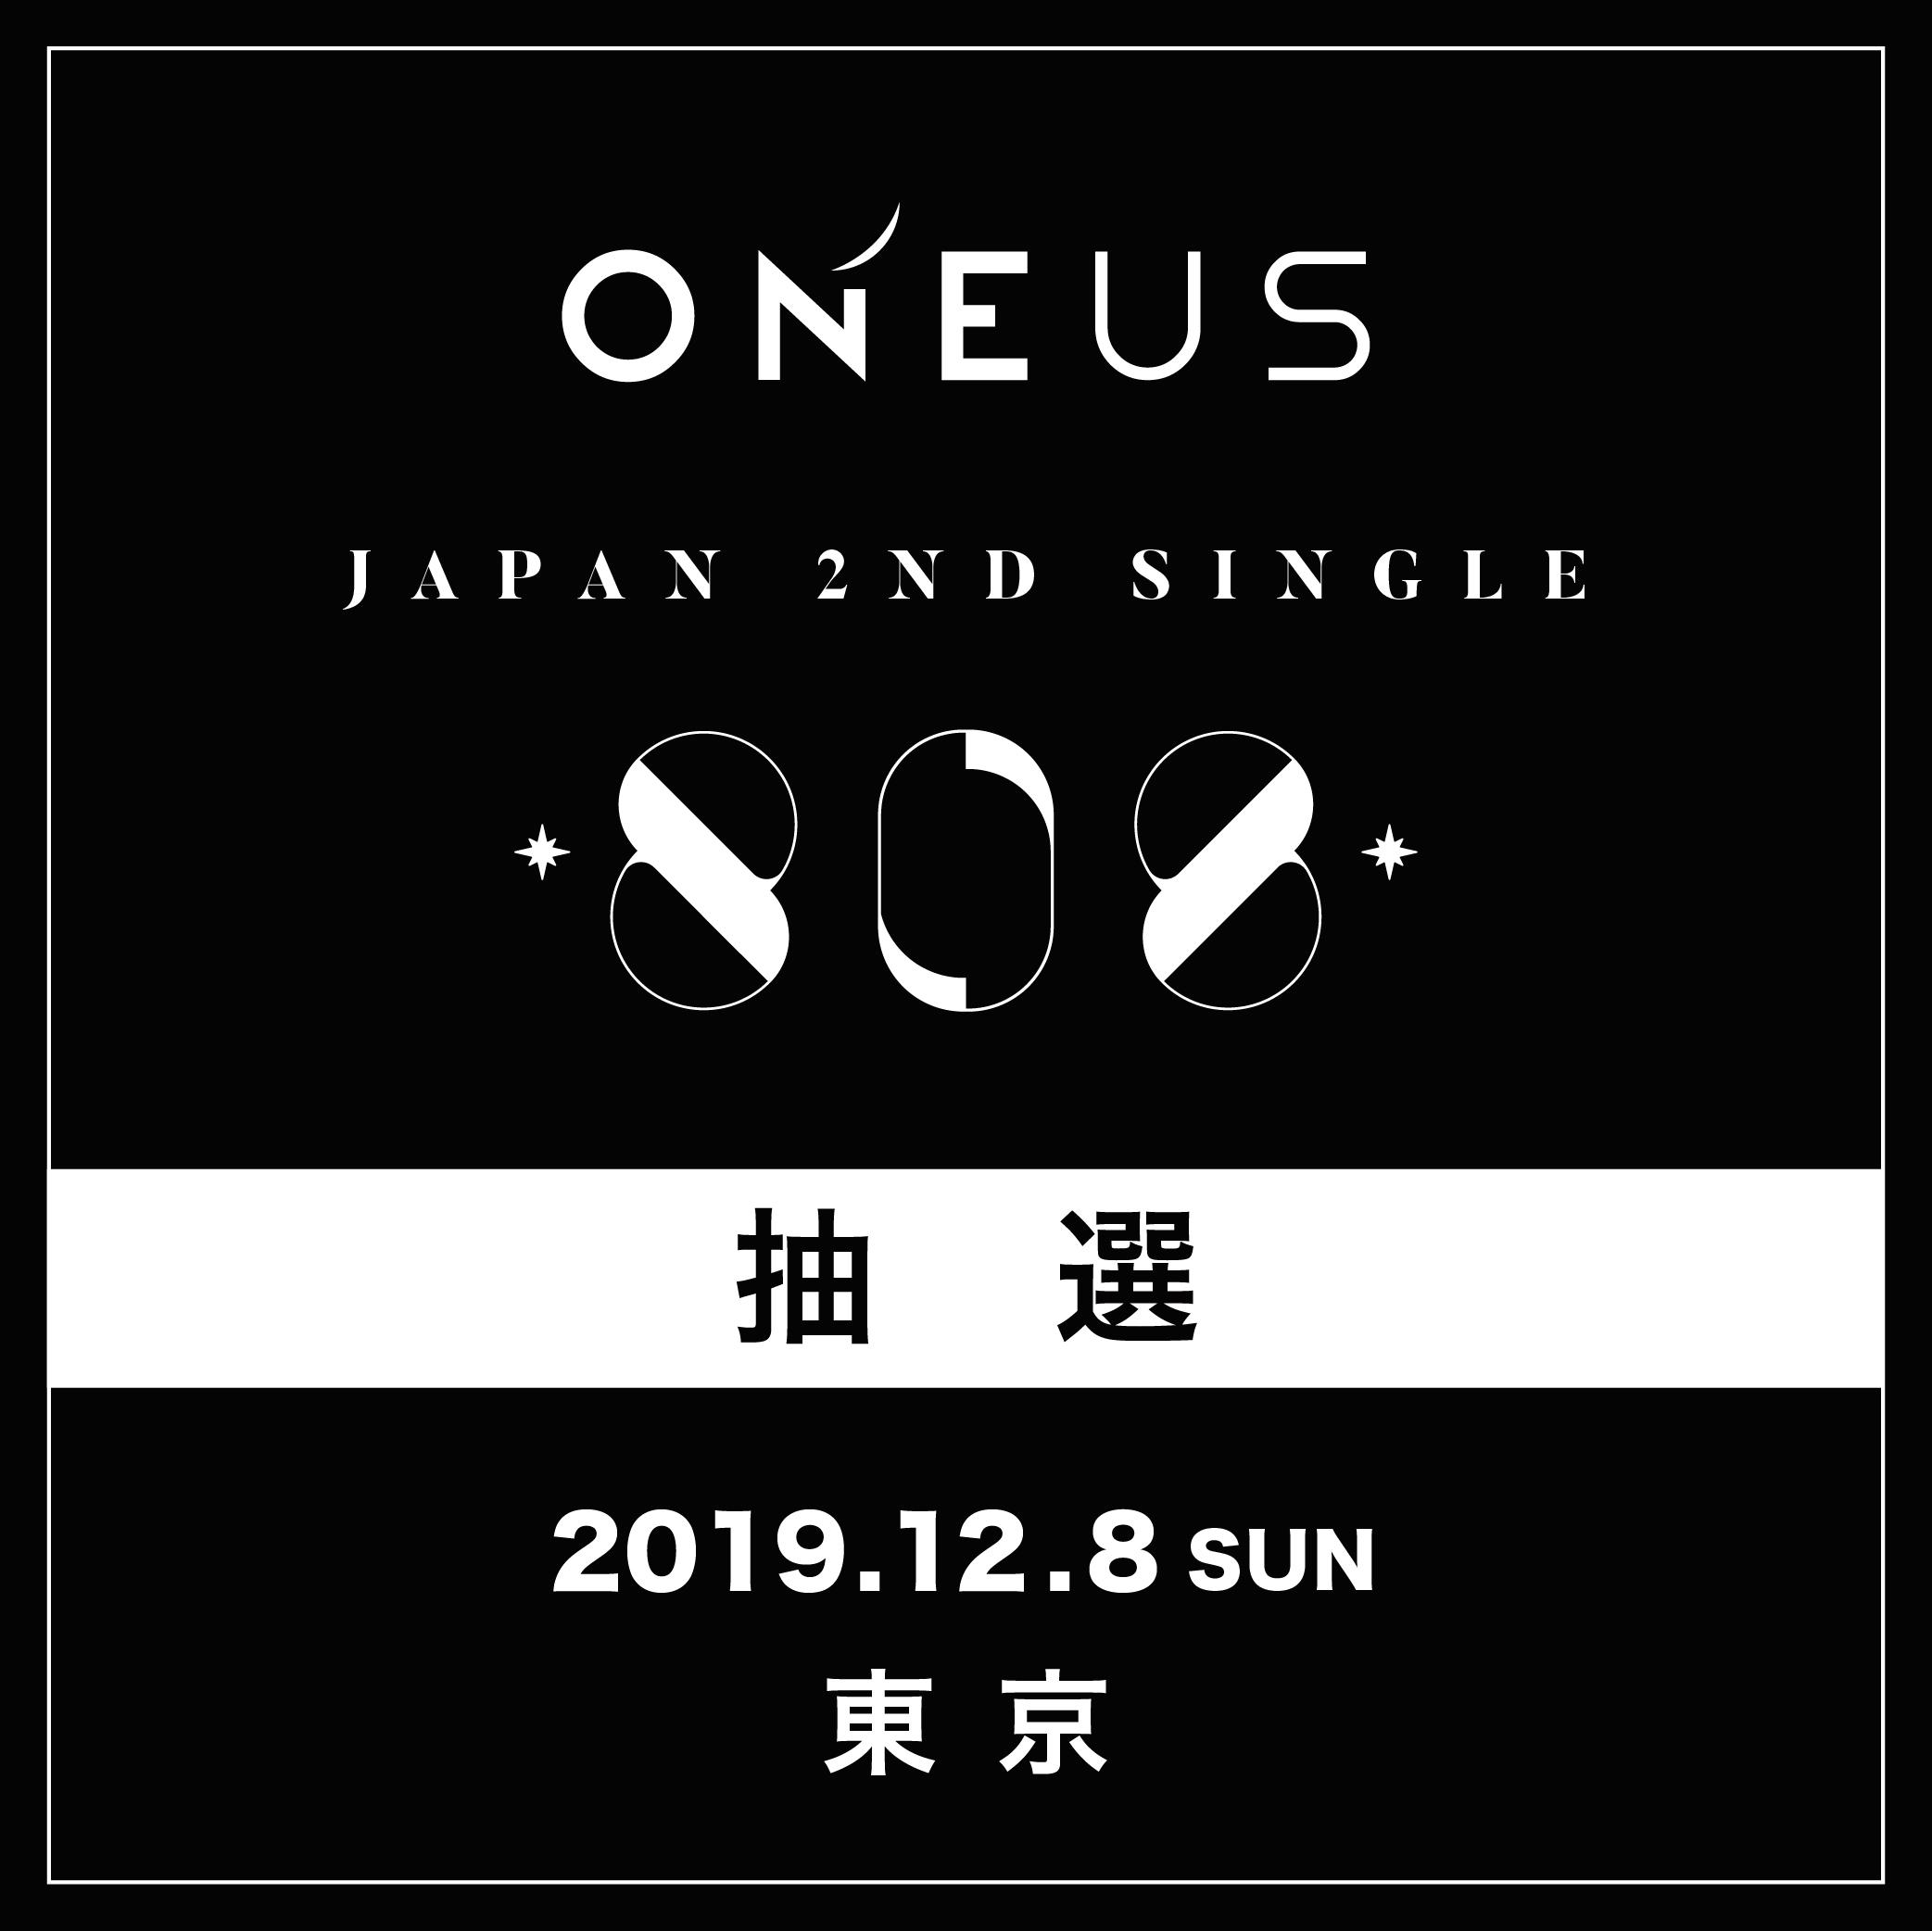 【ONEUS】12/8(日)よみうりランド日テレらんらんホール 抽選応募口